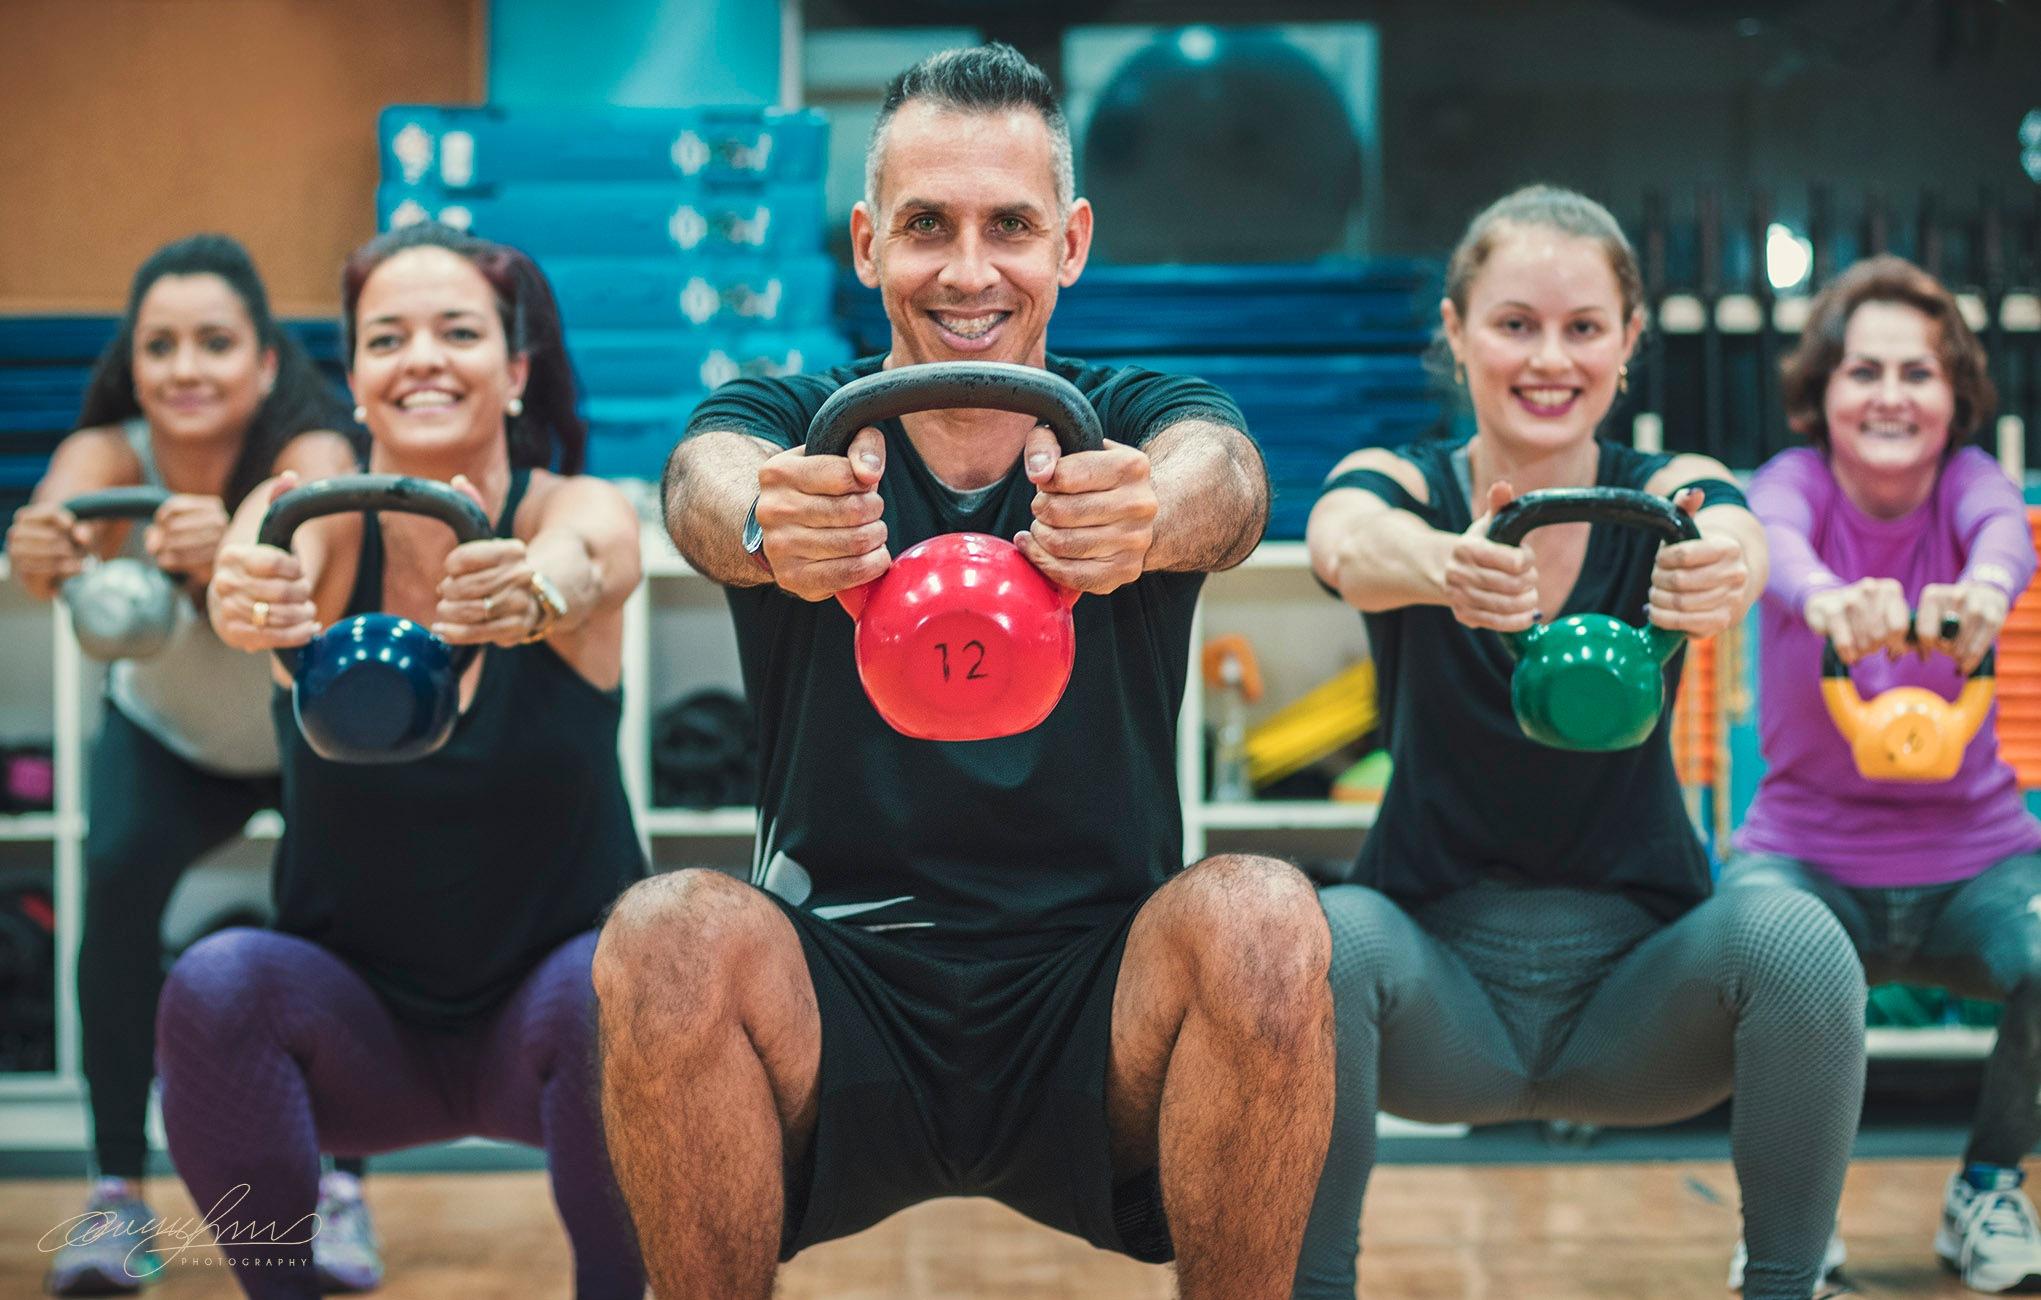 Gym Class by Daniel Frias